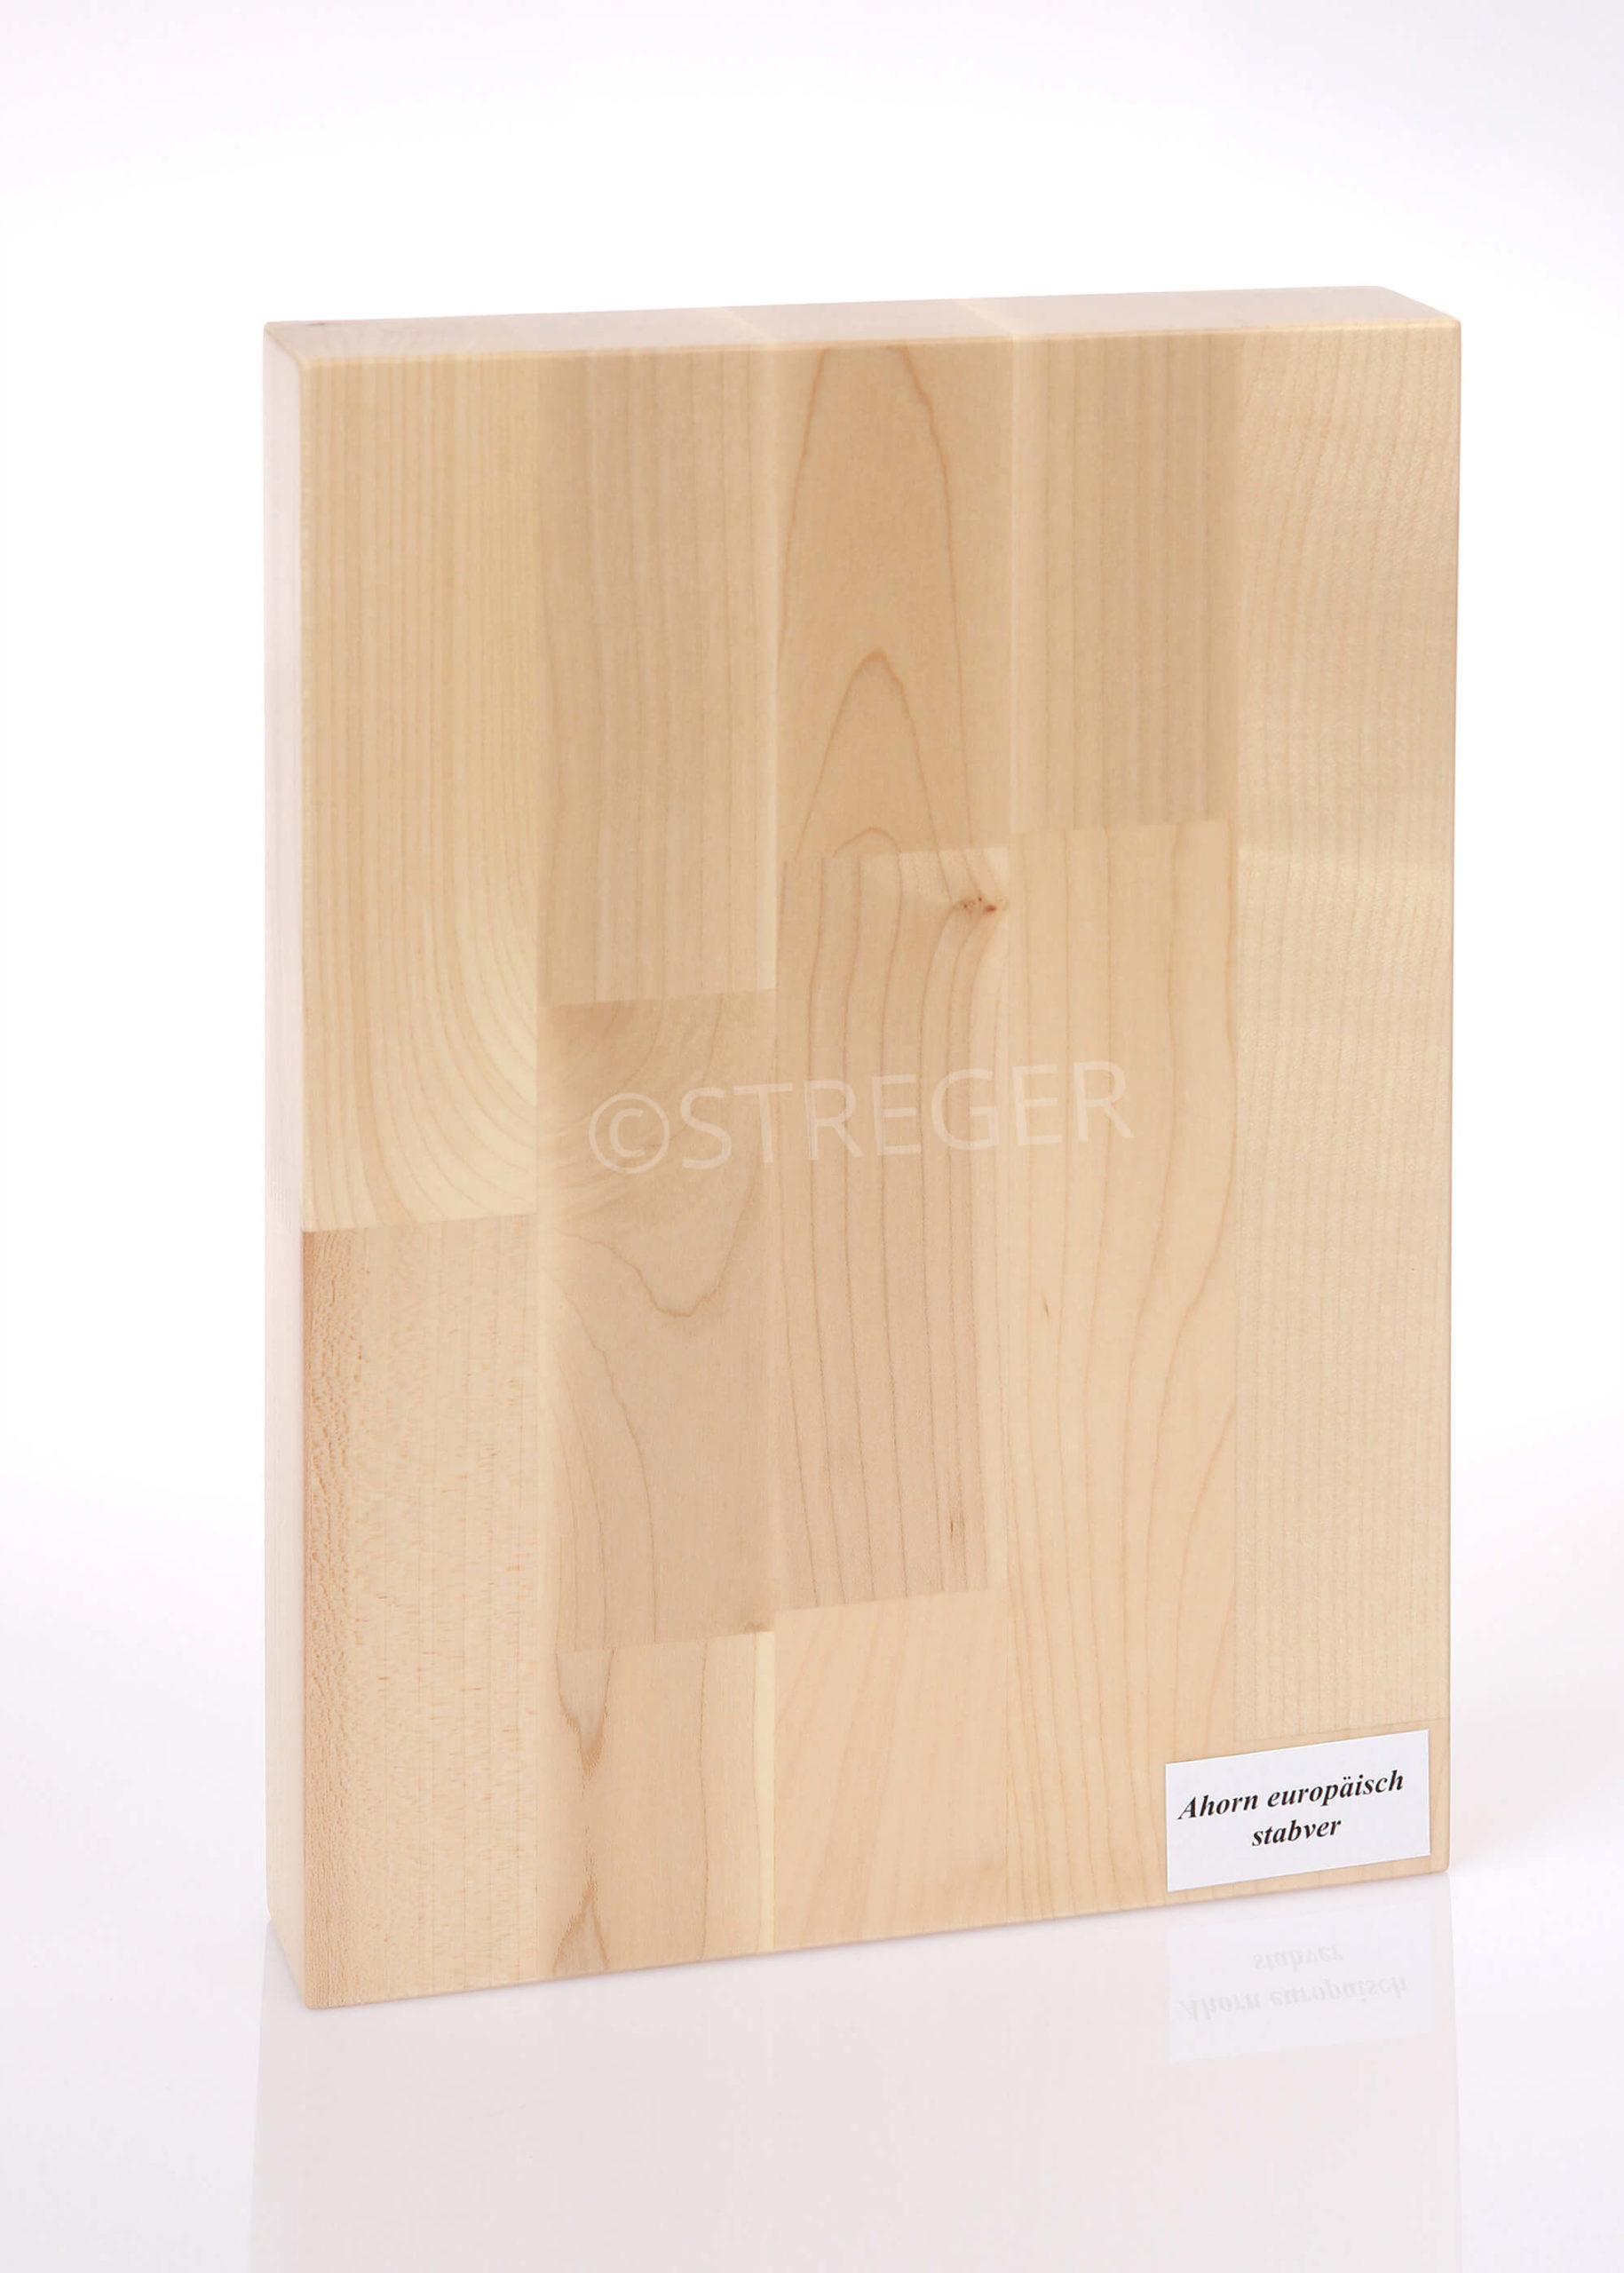 STREGER-Massivholztreppen-Ahorn-europaeisch-stabverleimt